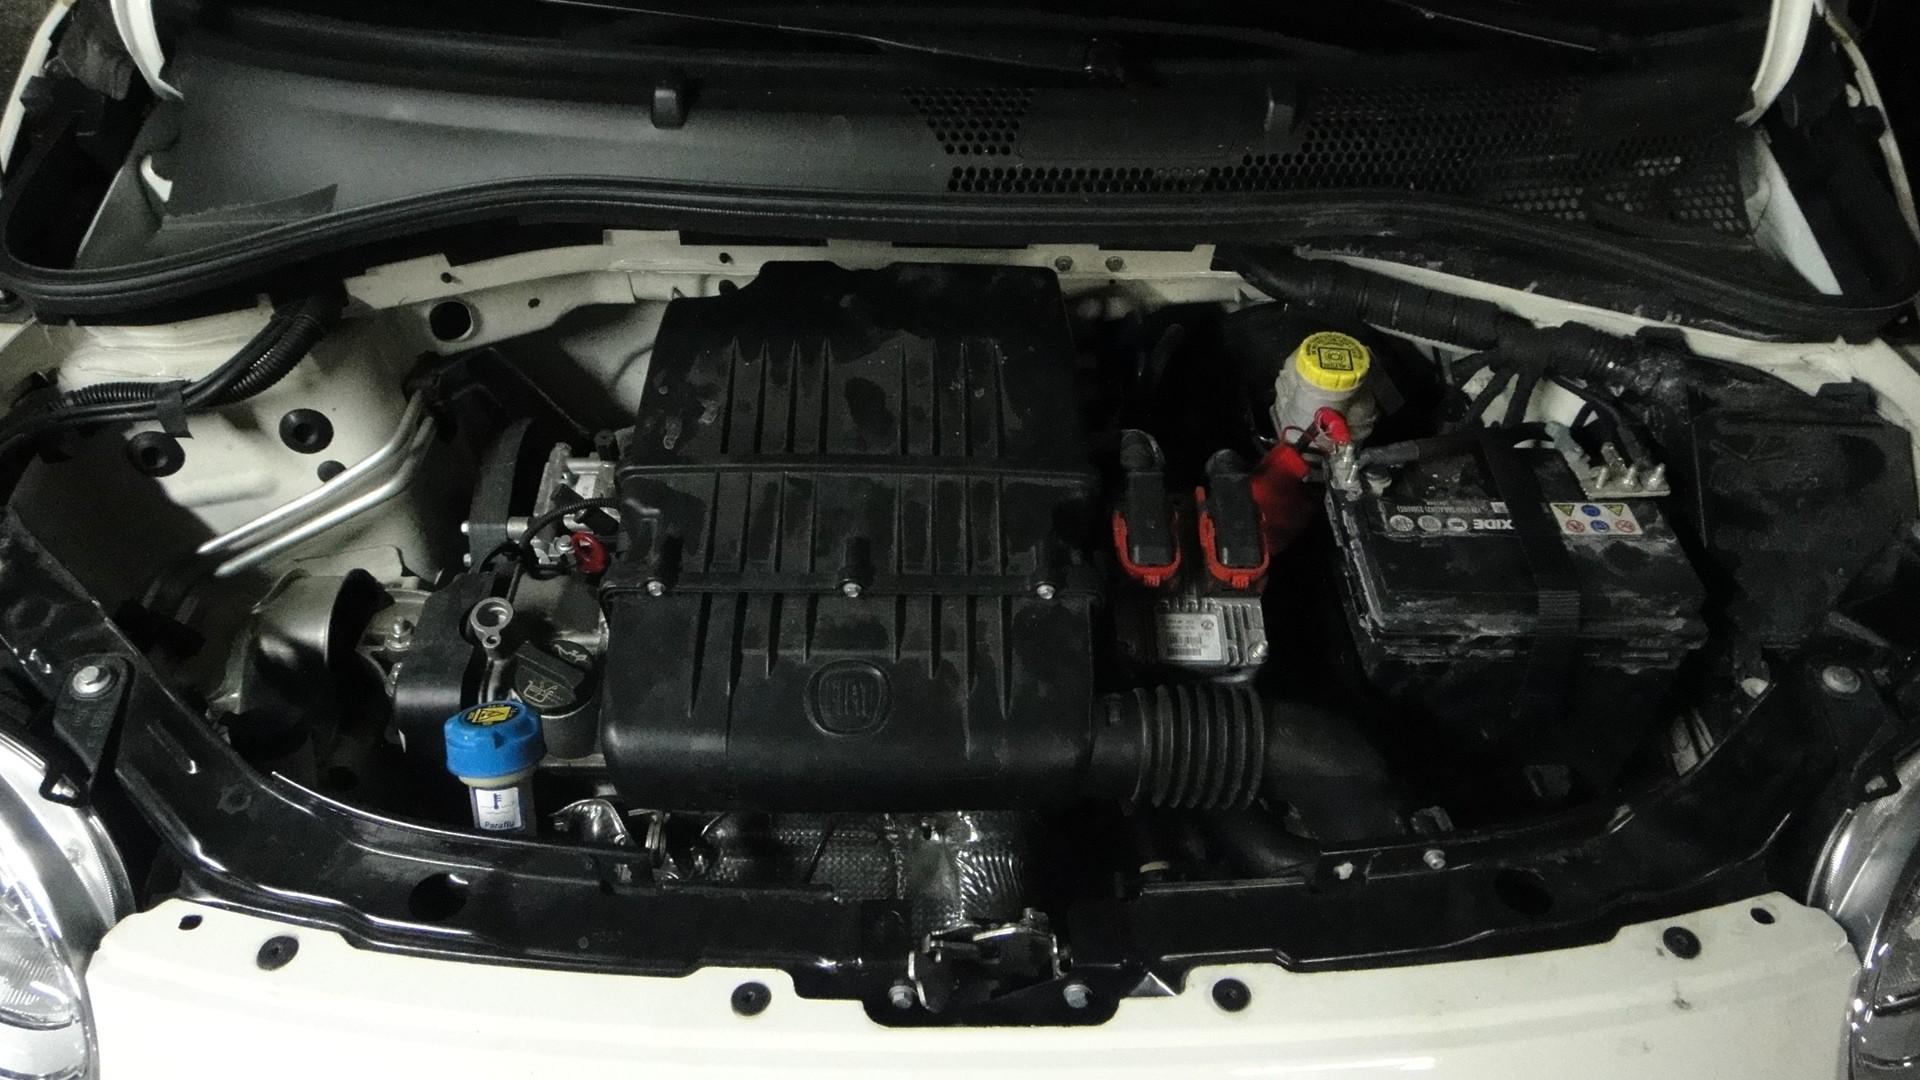 epilogue avis sur une r paration de fiat 500 surchauffe moteur sous garantie auto titre. Black Bedroom Furniture Sets. Home Design Ideas